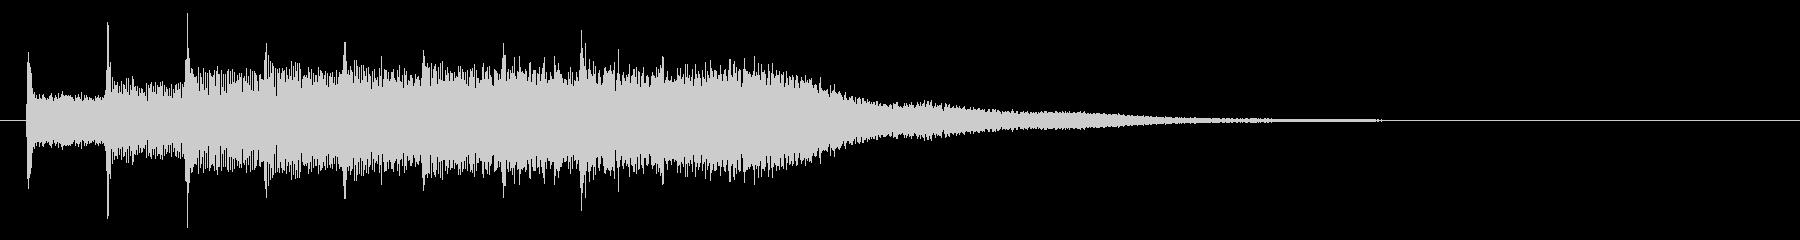 KANT涼しげベルアイキャッチ141の未再生の波形